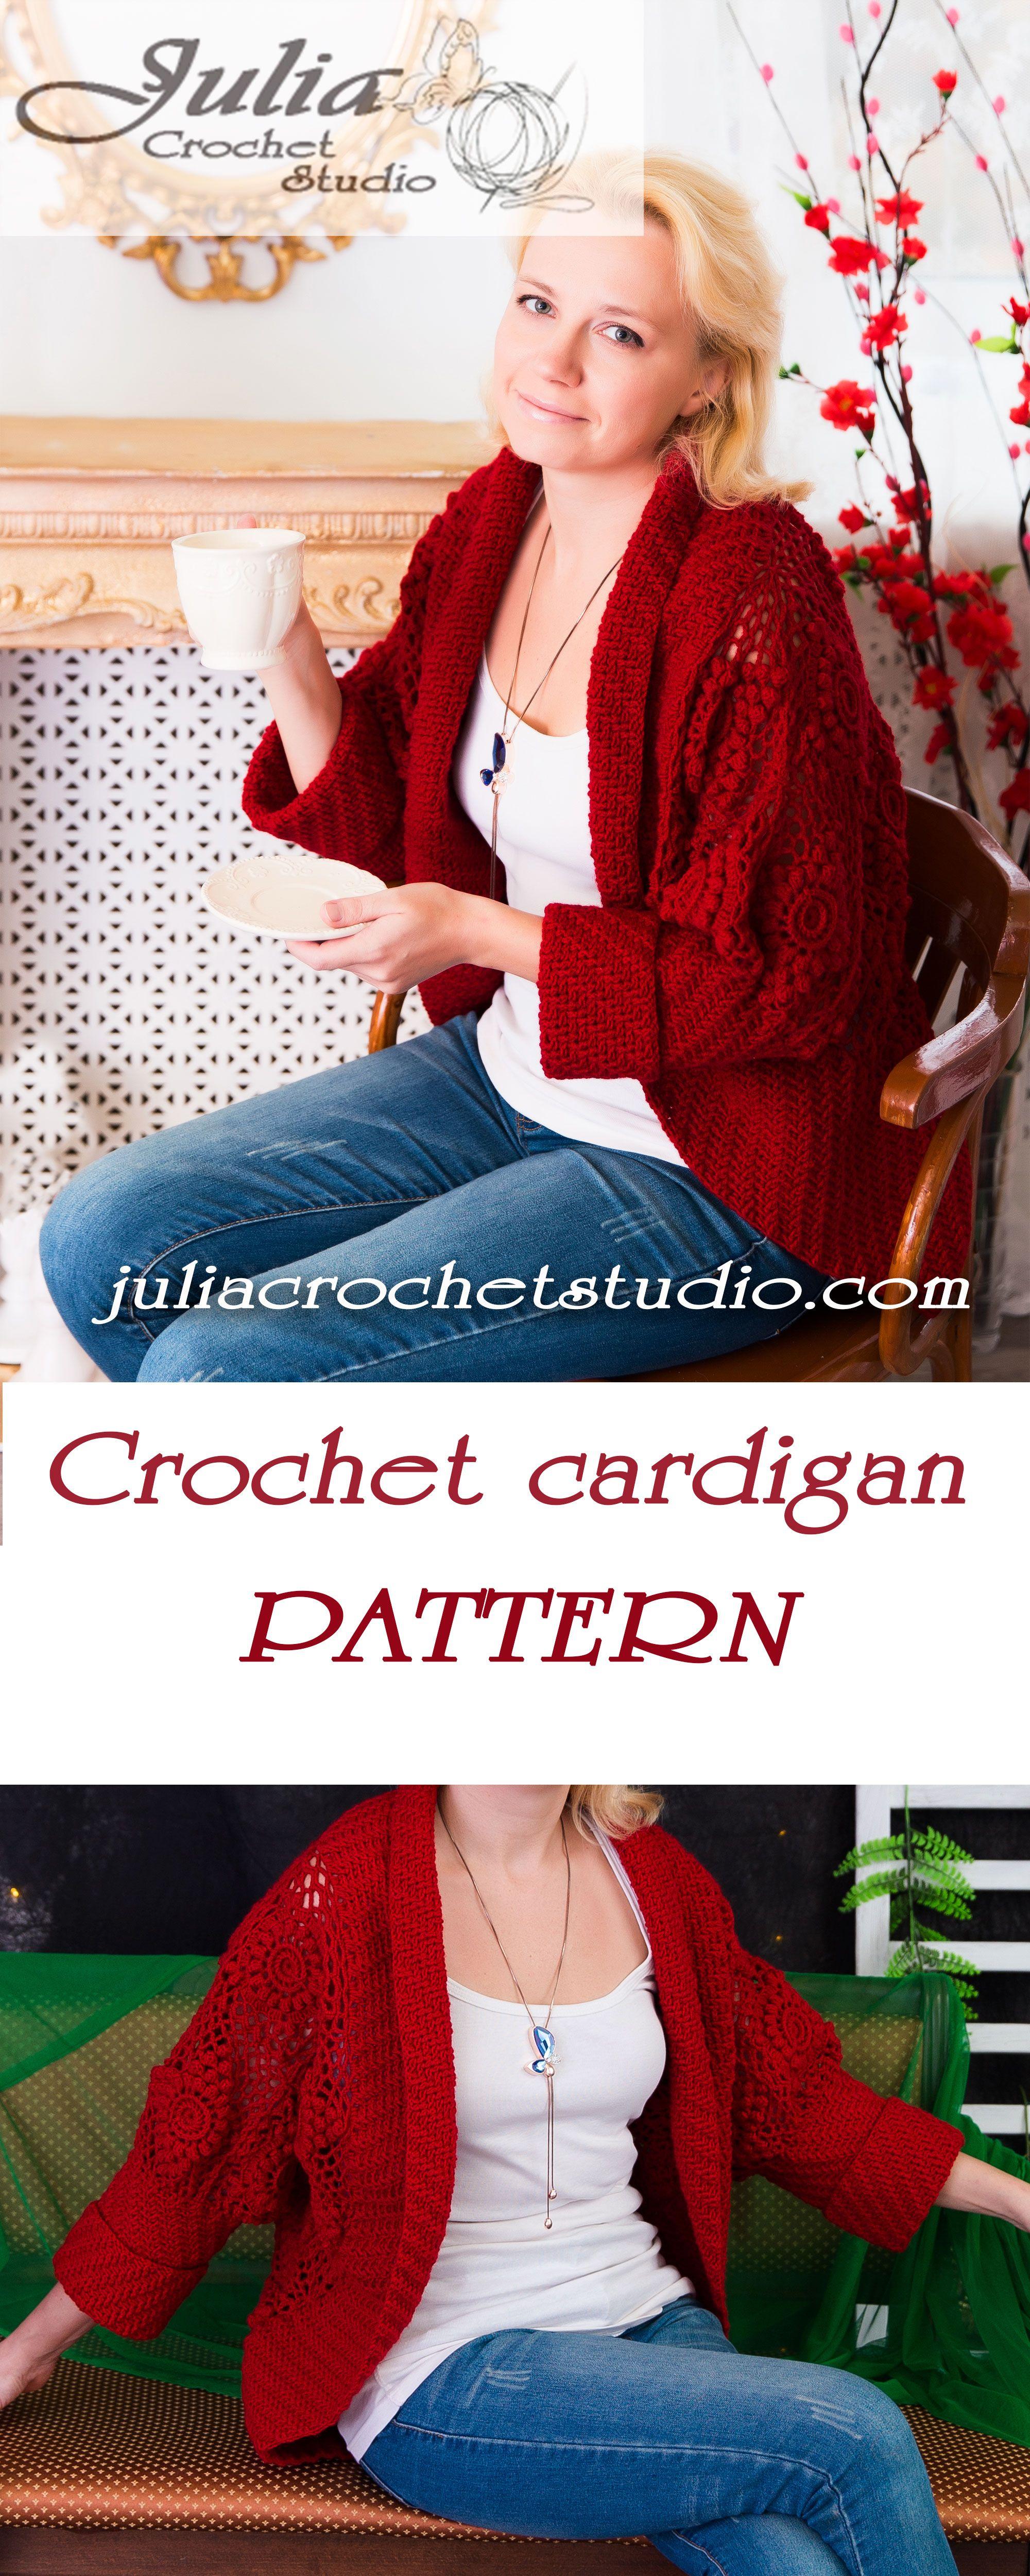 Crochet cardigan pattern. #crochet, #crochetpattern, #crochetcardigan, #crochetcardiganpattern, #warmcrochetcardigan